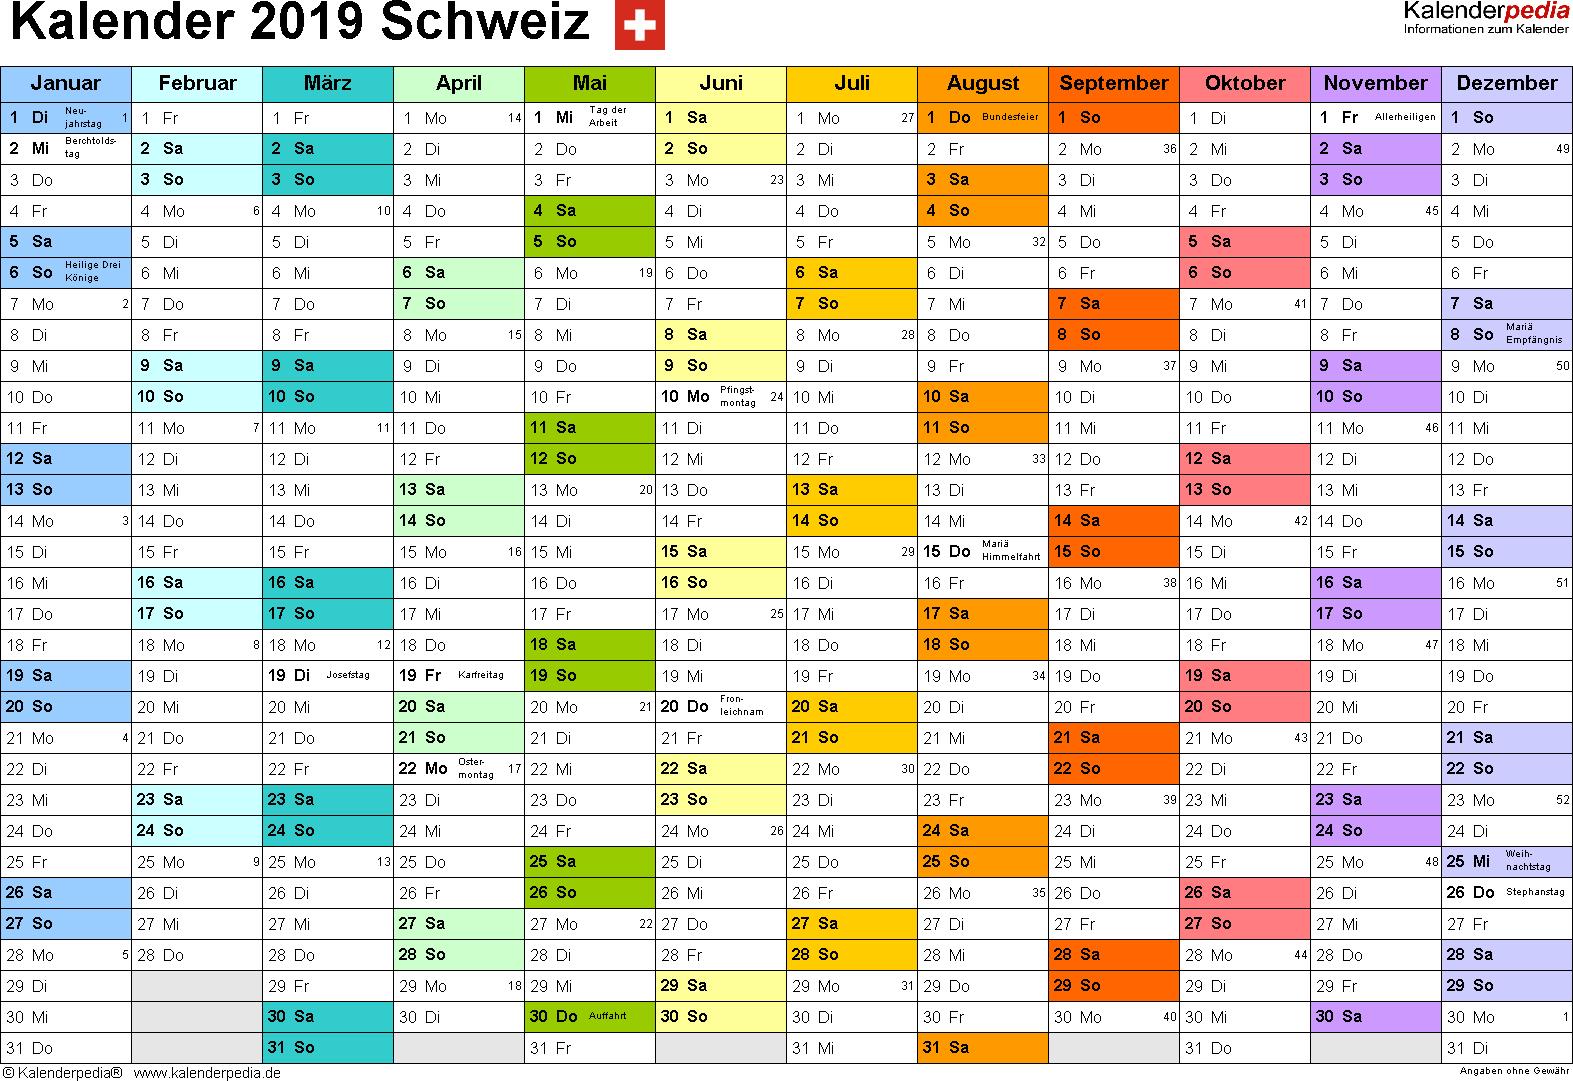 Vorlage 1: Kalender 2019 für die <span style=white-space:nowrap;>Schweiz als Microsoft Excel-Datei (.xlsx), Querformat, 1 Seite, Monate nebeneinander, jeder Monate in anderer Farbe